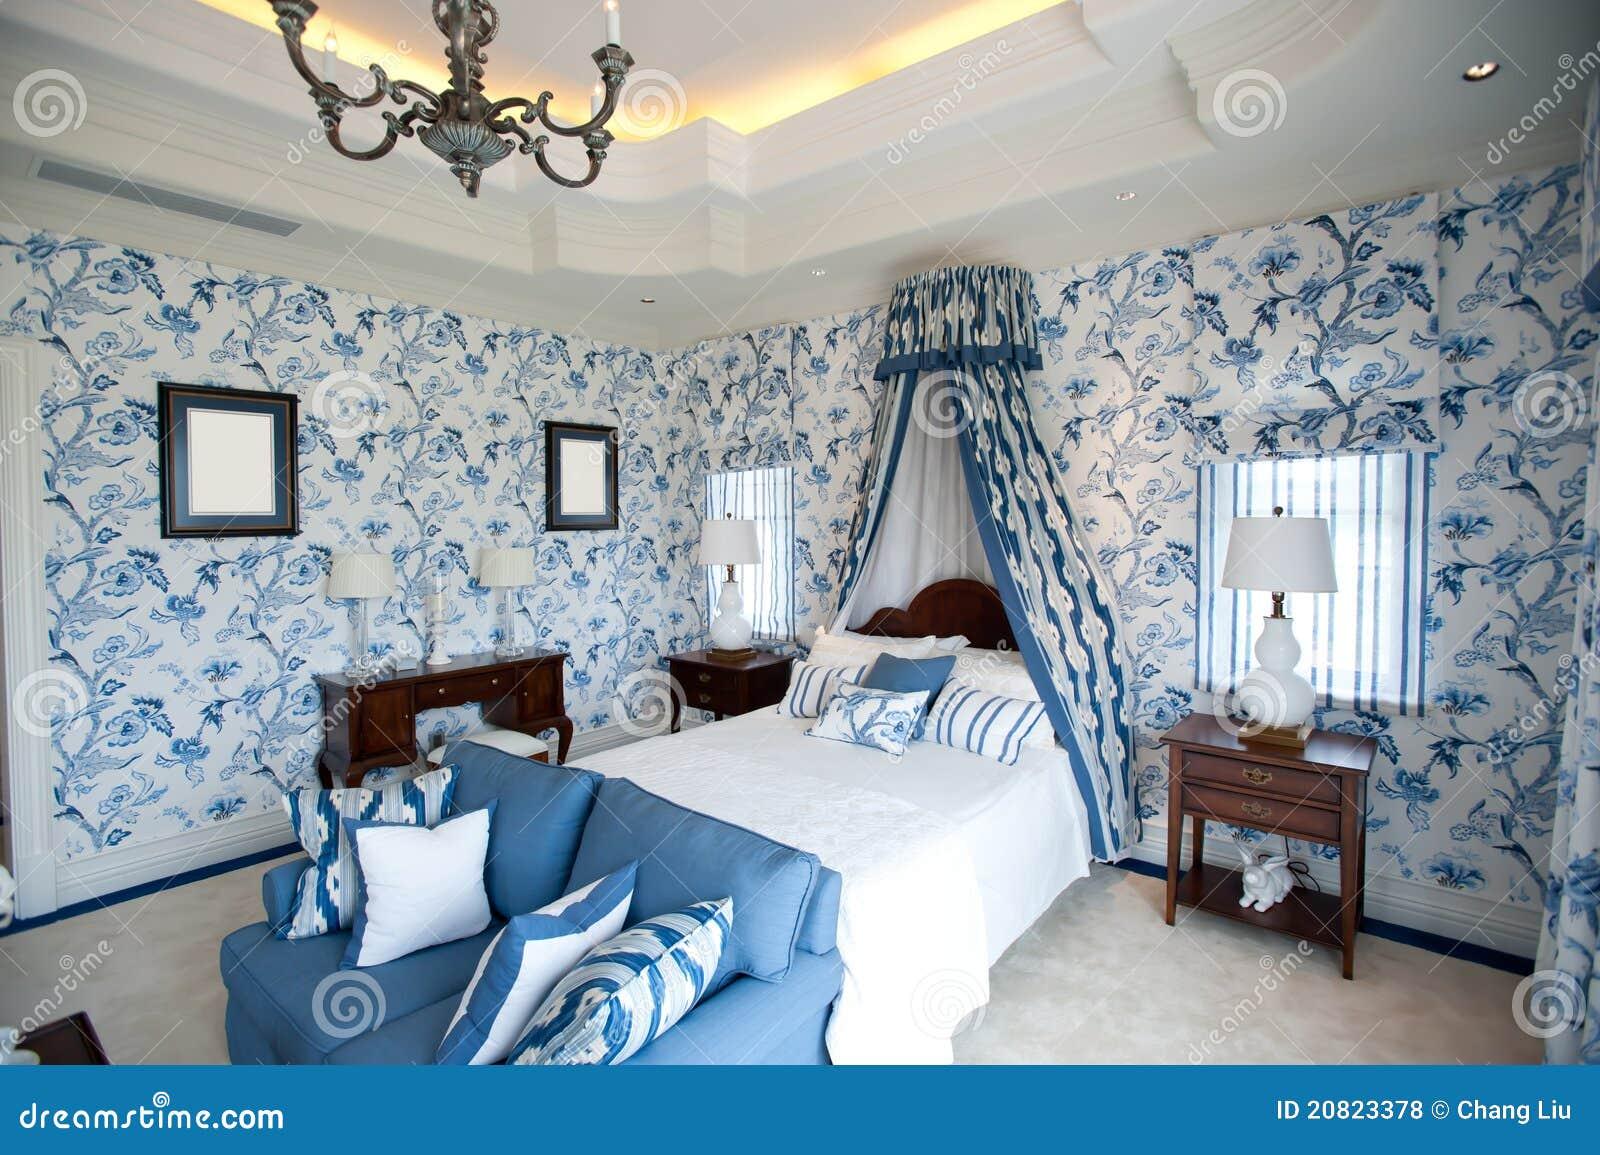 Papier Peint Pour Chambre chambre à coucher avec le papier peint bleu de fleur photo